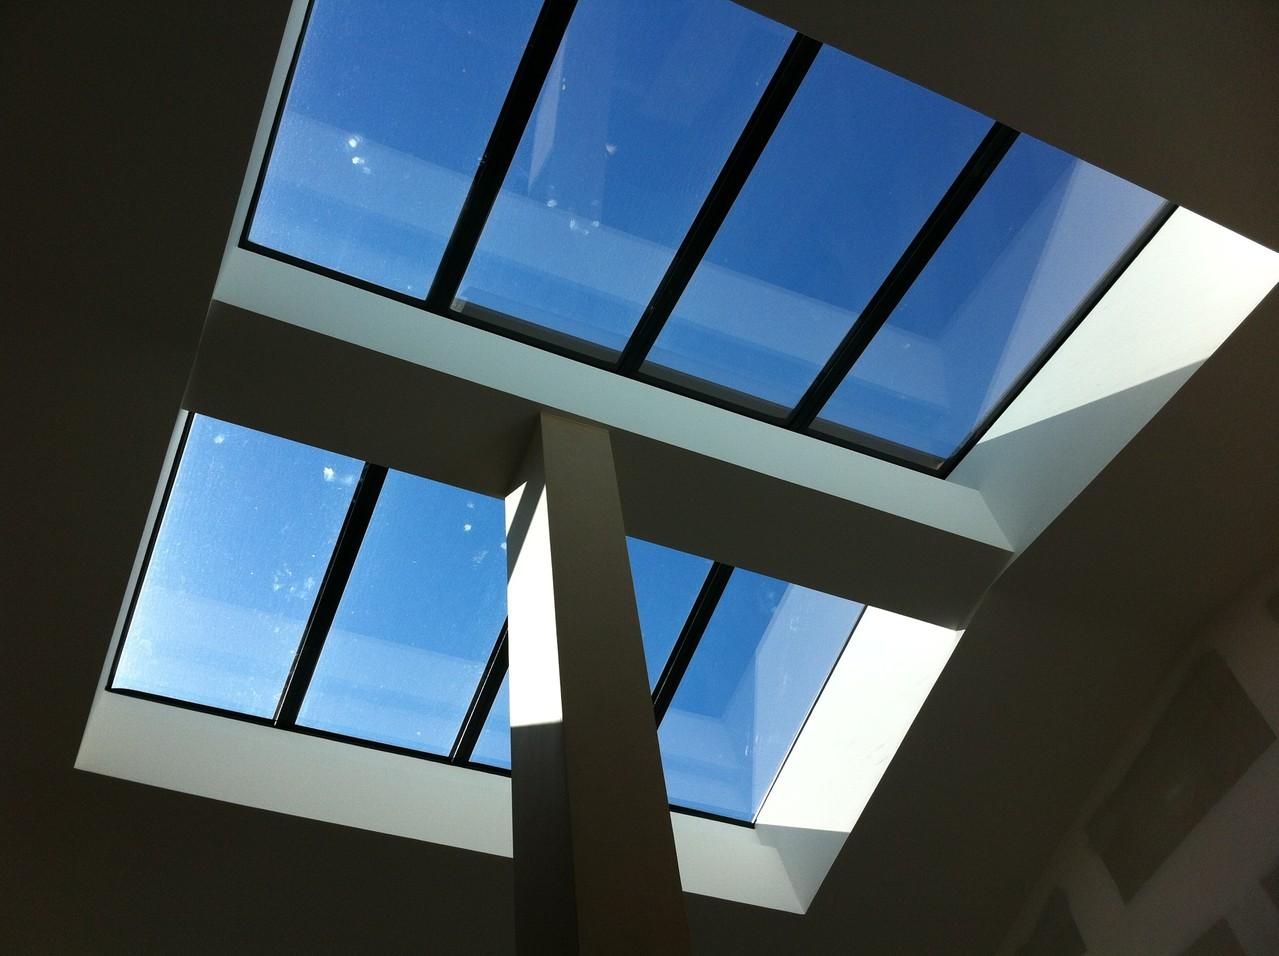 rénovation d'une verrière acier : agrandissement + vitrage SUN COOL LITE